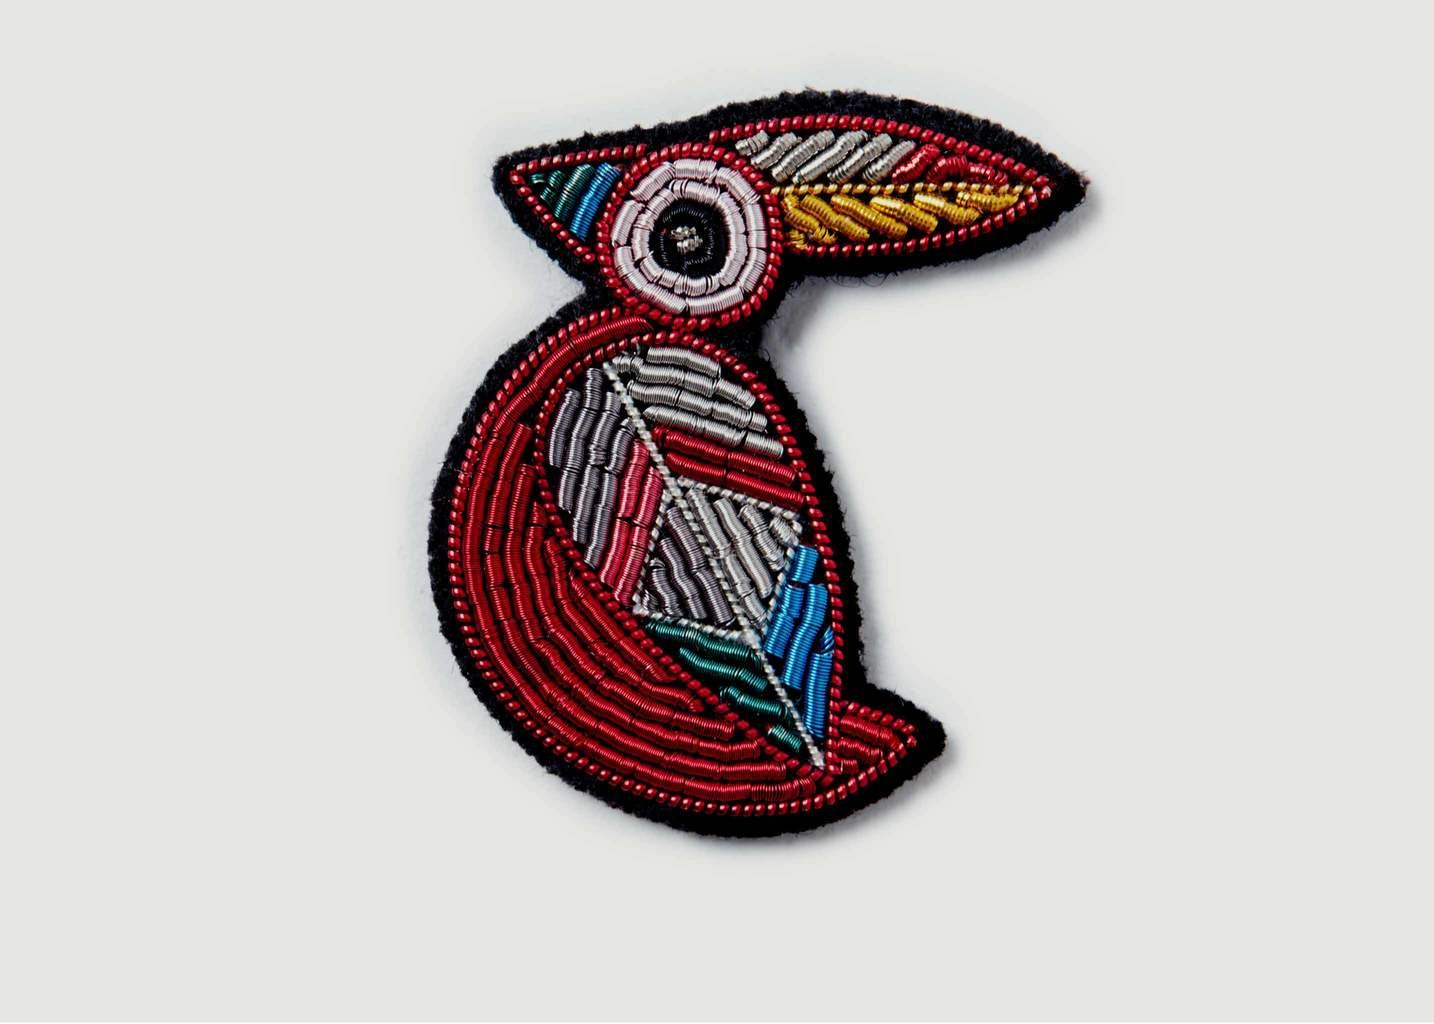 Broche Avec Perles Rouge Gorge - Macon & Lesquoy